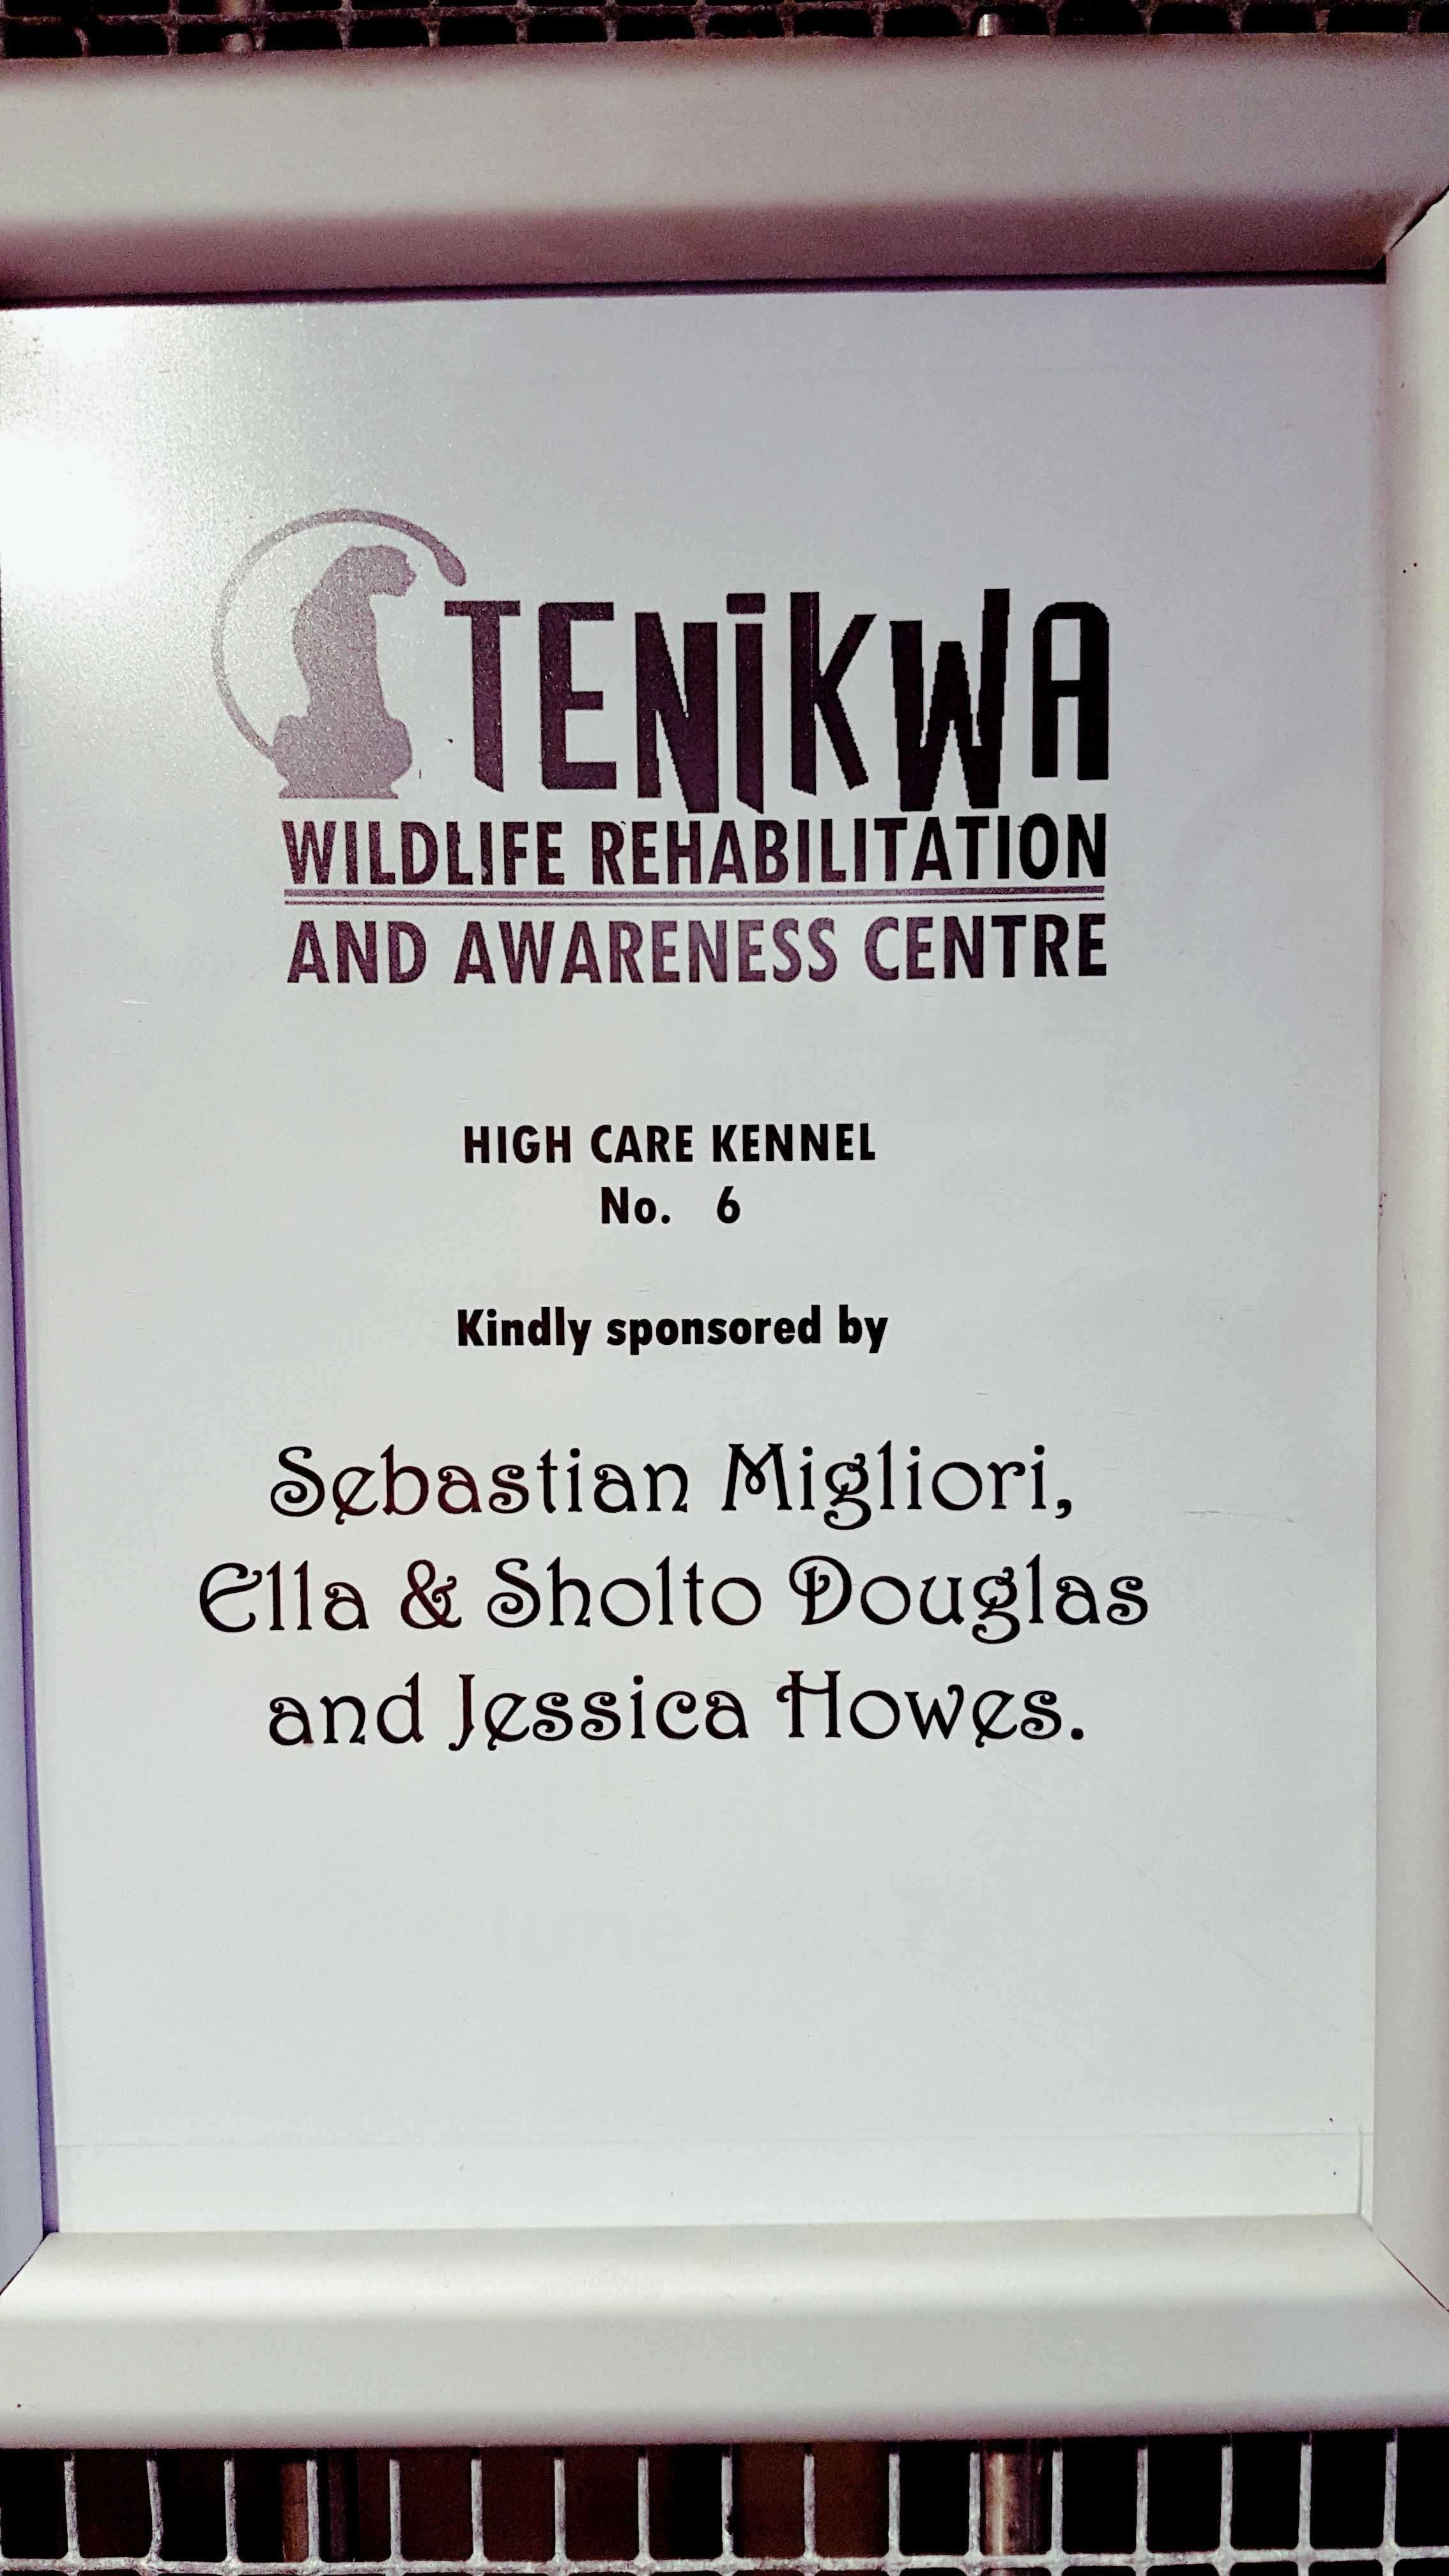 Sebastian Migliori, Ella & Sholto Douglas and Jessica Howes.